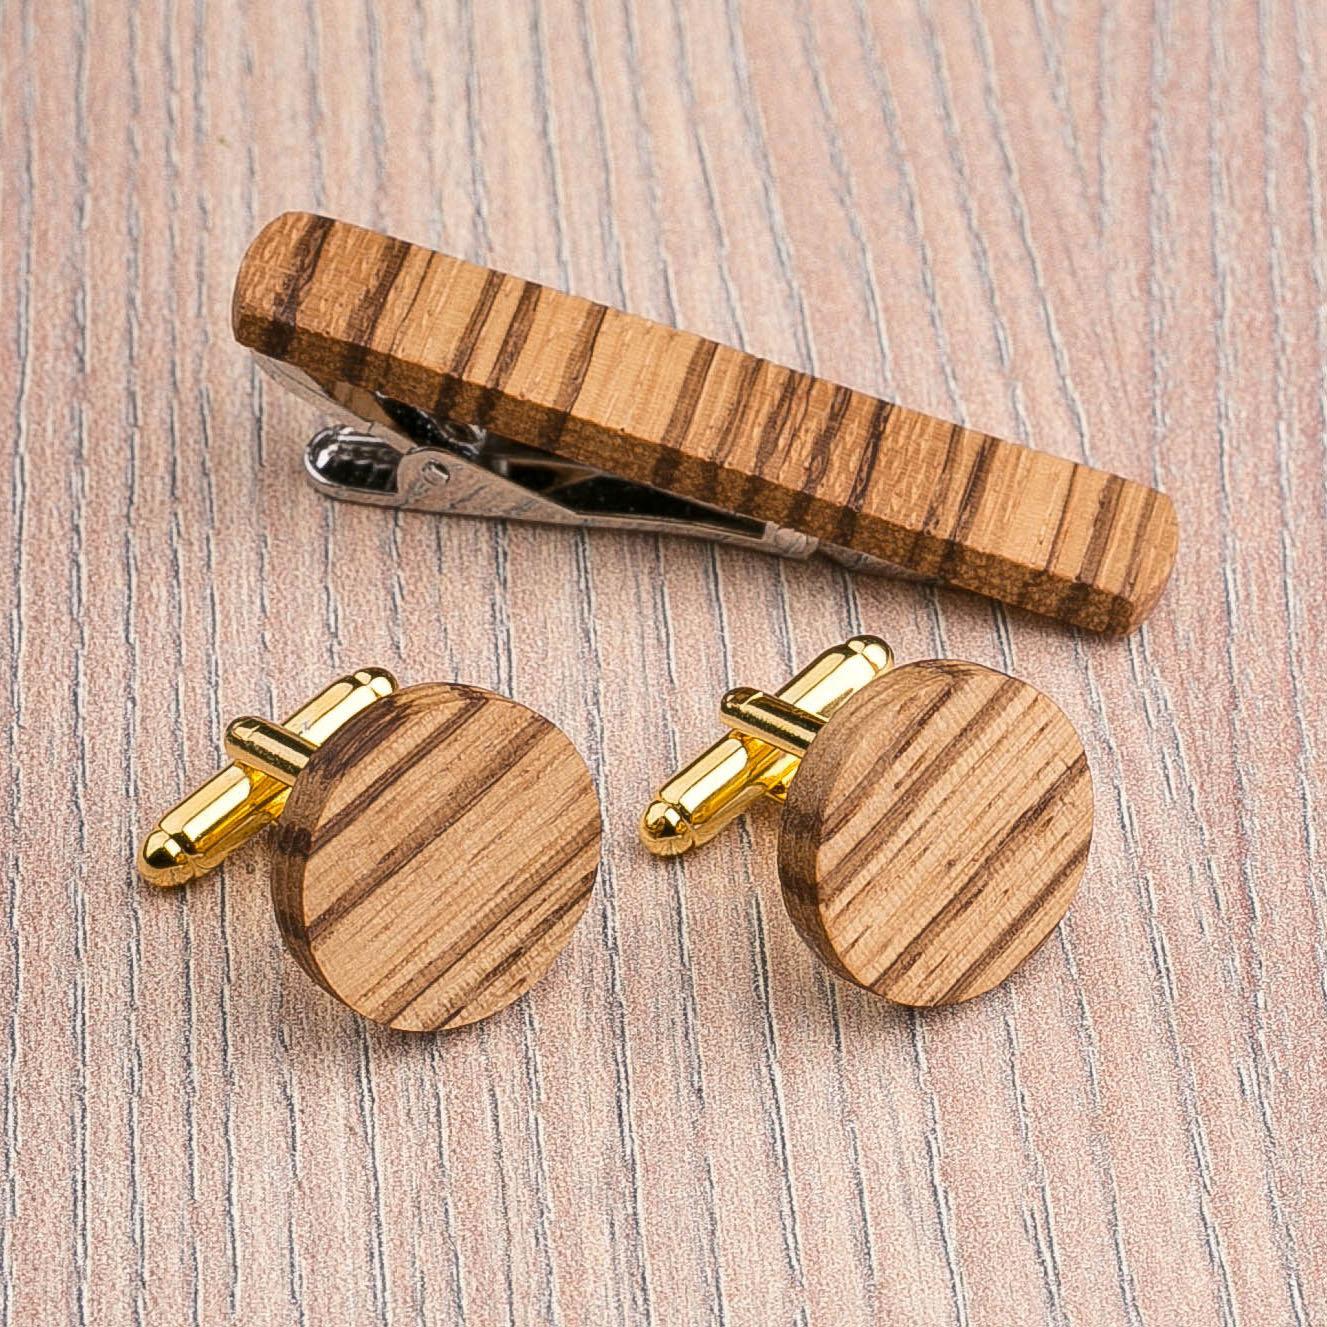 Комплект: Круглые запонки из дерева и Деревянный зажим для галстука. Массив зебрано. Гравировка инициалов. Упаковка в комплекте CufflinksSet-RoundZebranoV